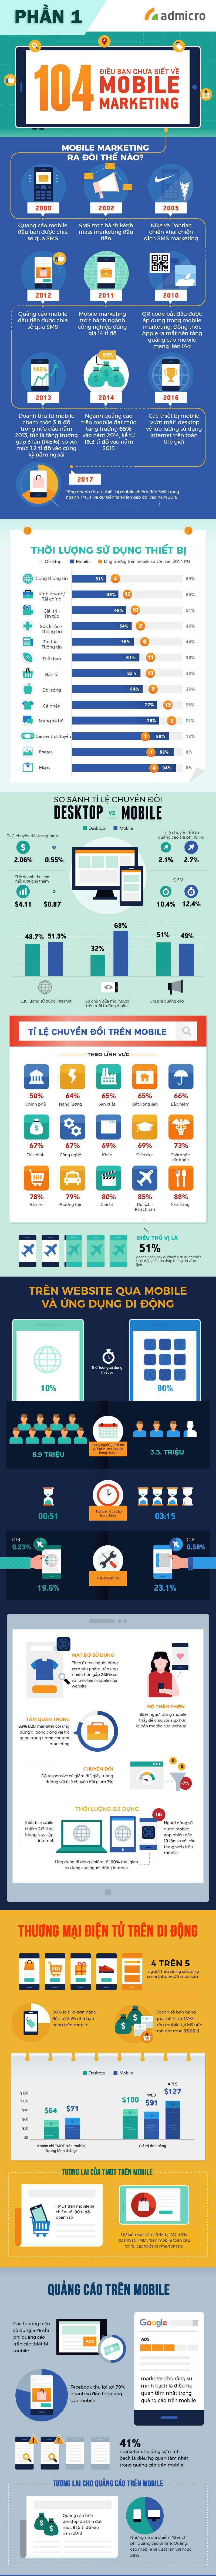 infographic quảng cáo trên di động